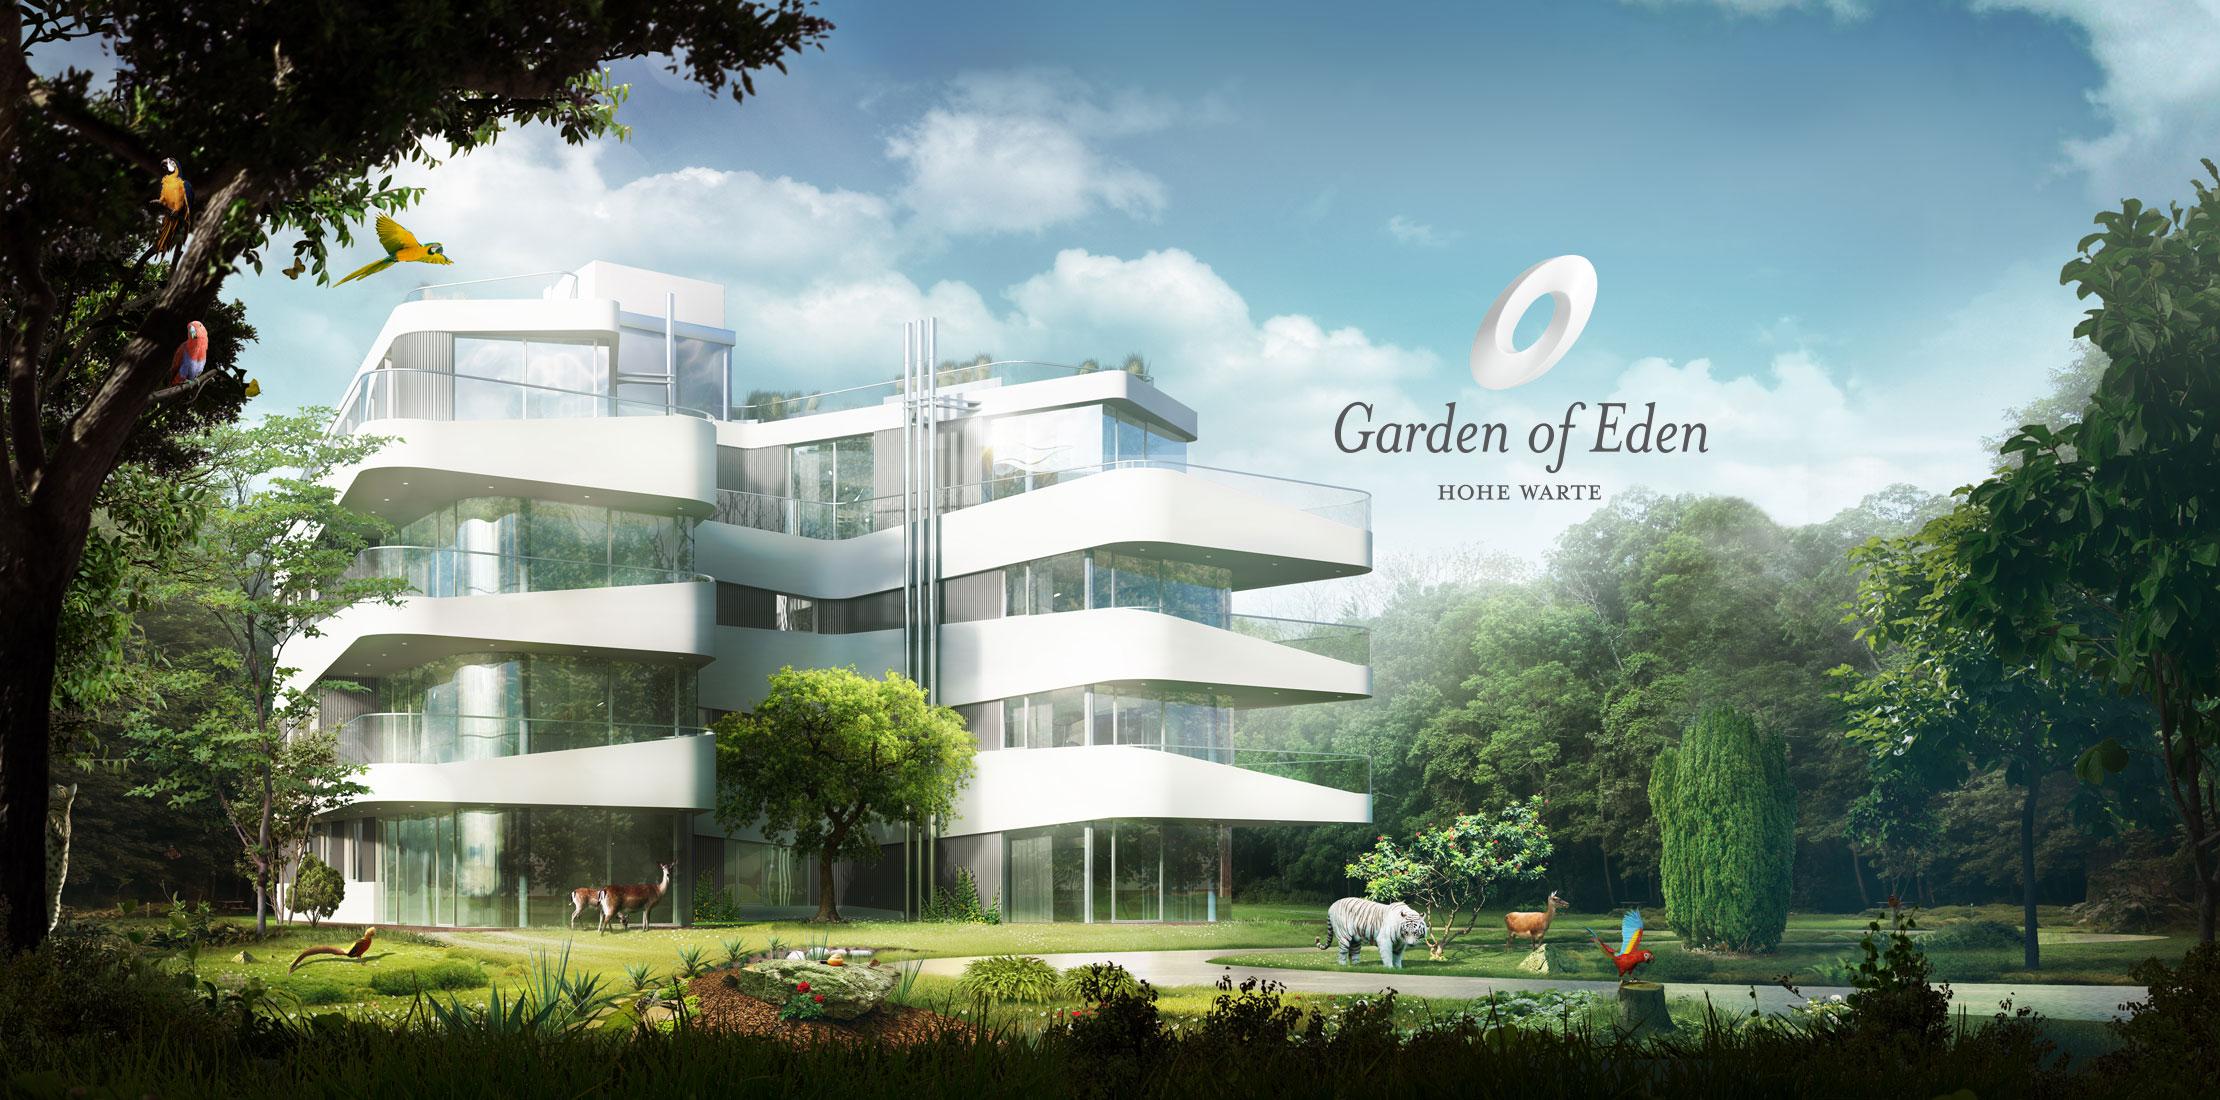 Garden Of Eden Jumptomorrow